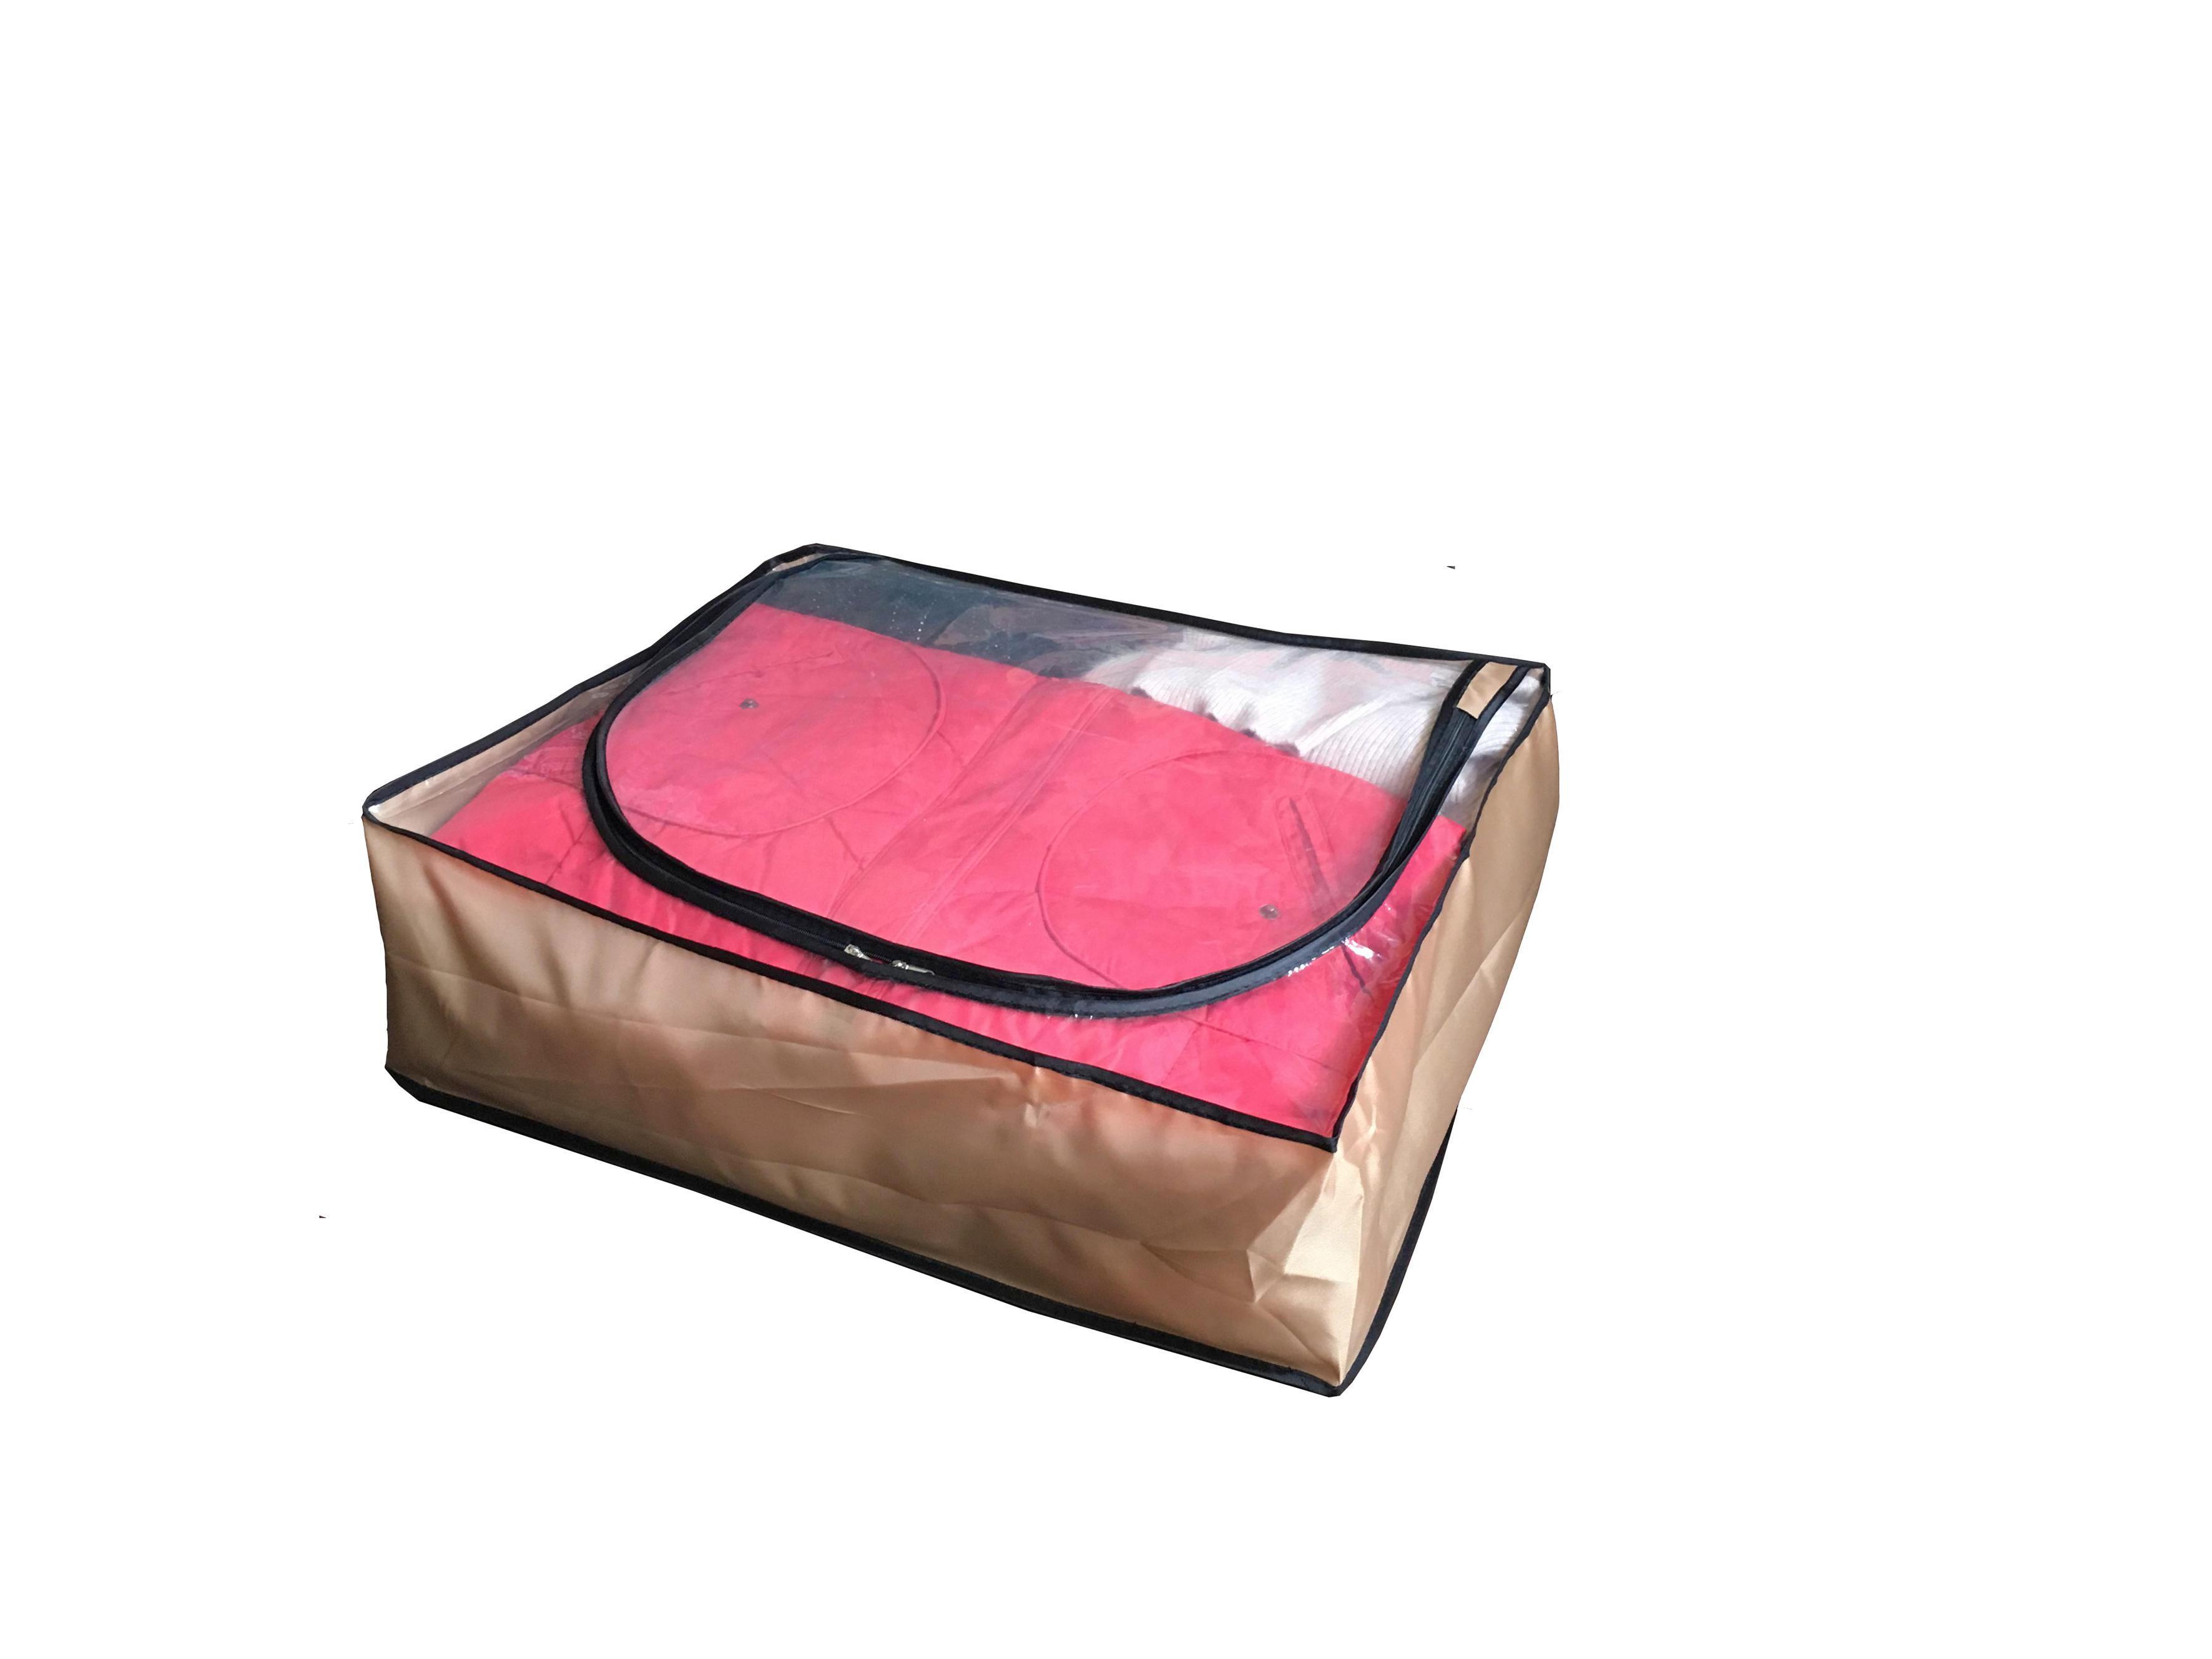 SKLOPIVA KUTIJA - boje zlata/smeđa, Konvencionalno, plastika (55/15/45cm)